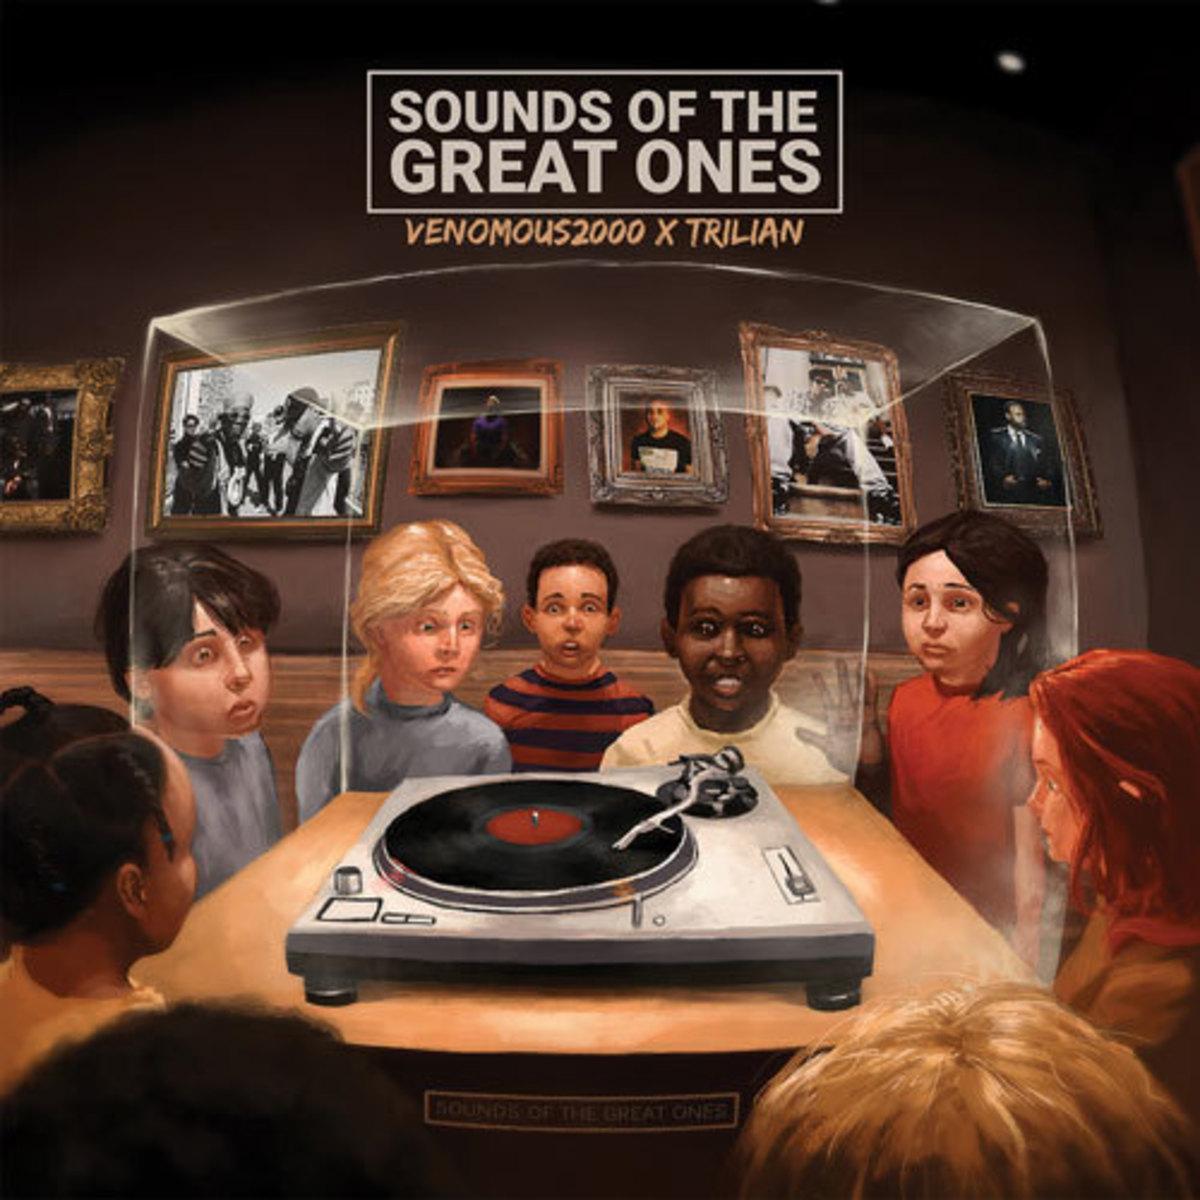 venomous2000-make-ya-speakers-pop.jpg